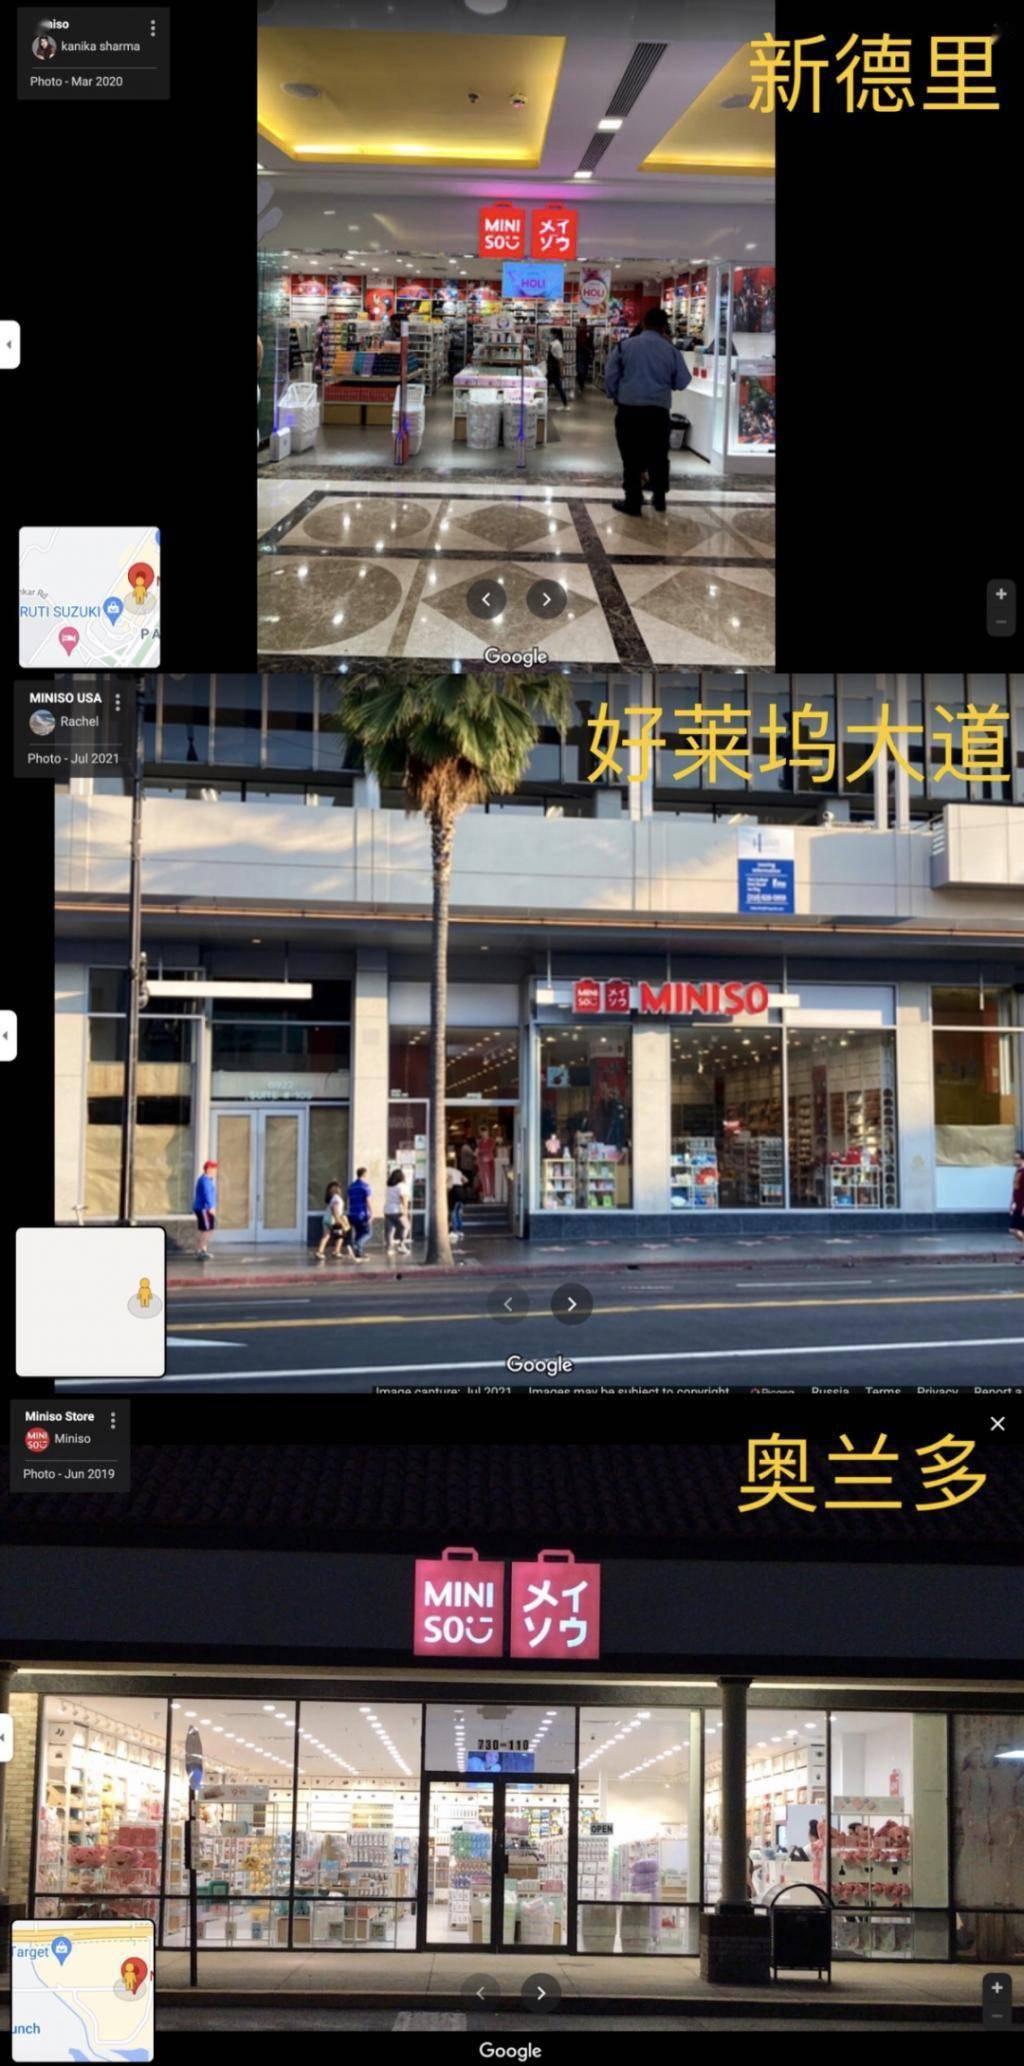 名创优品是最成功的十元店品牌 十元店利润怎么样? liuliushe.net六六社 第2张